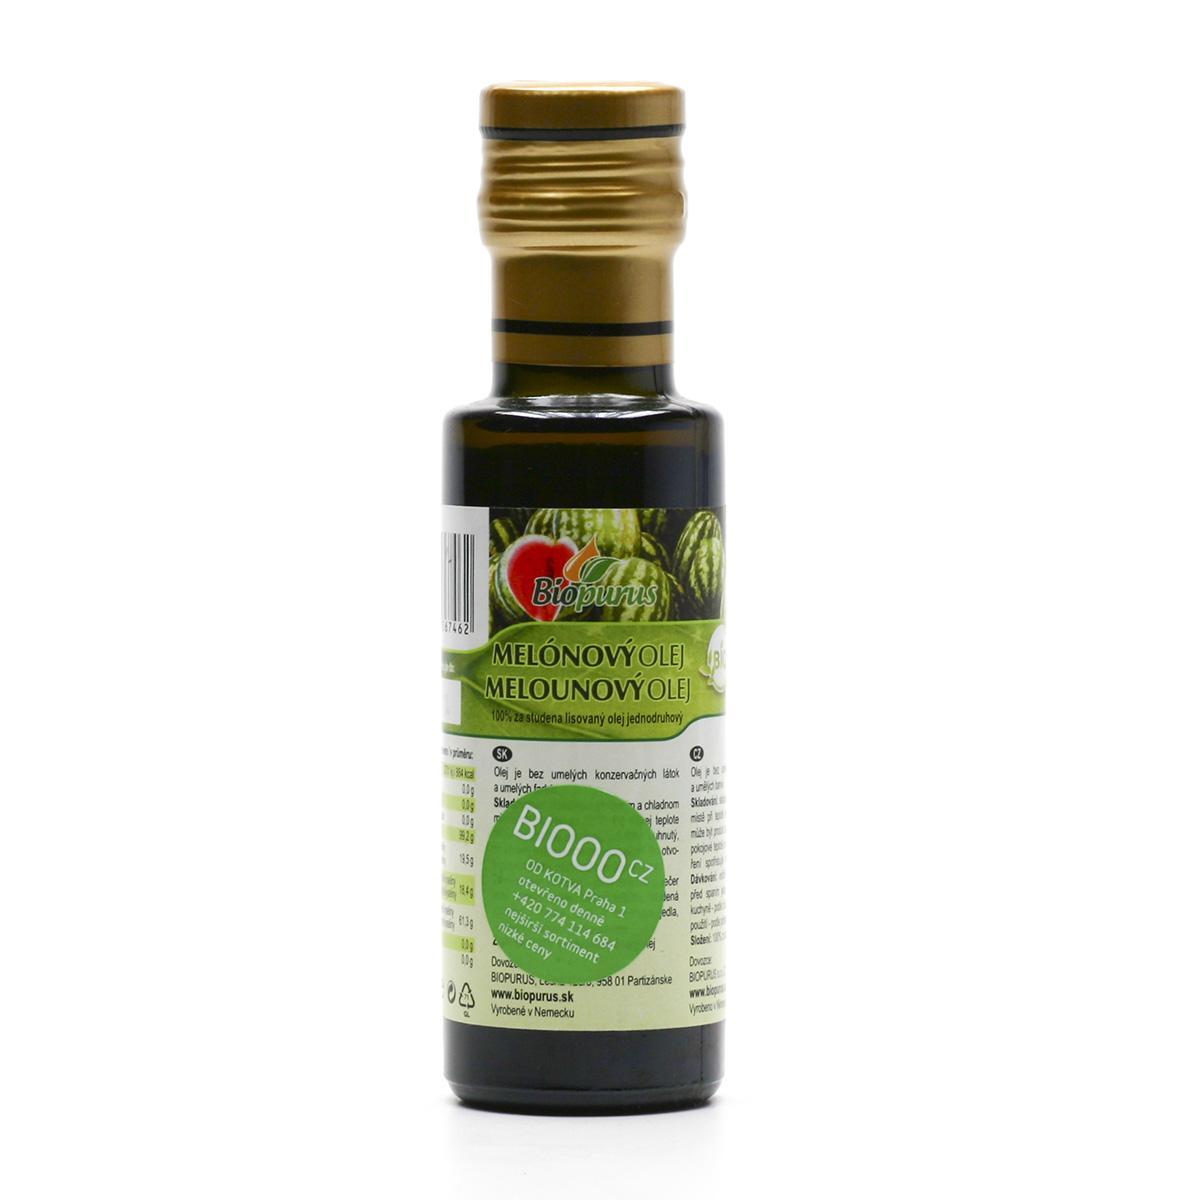 Biopurus Melounový olej 100 ml